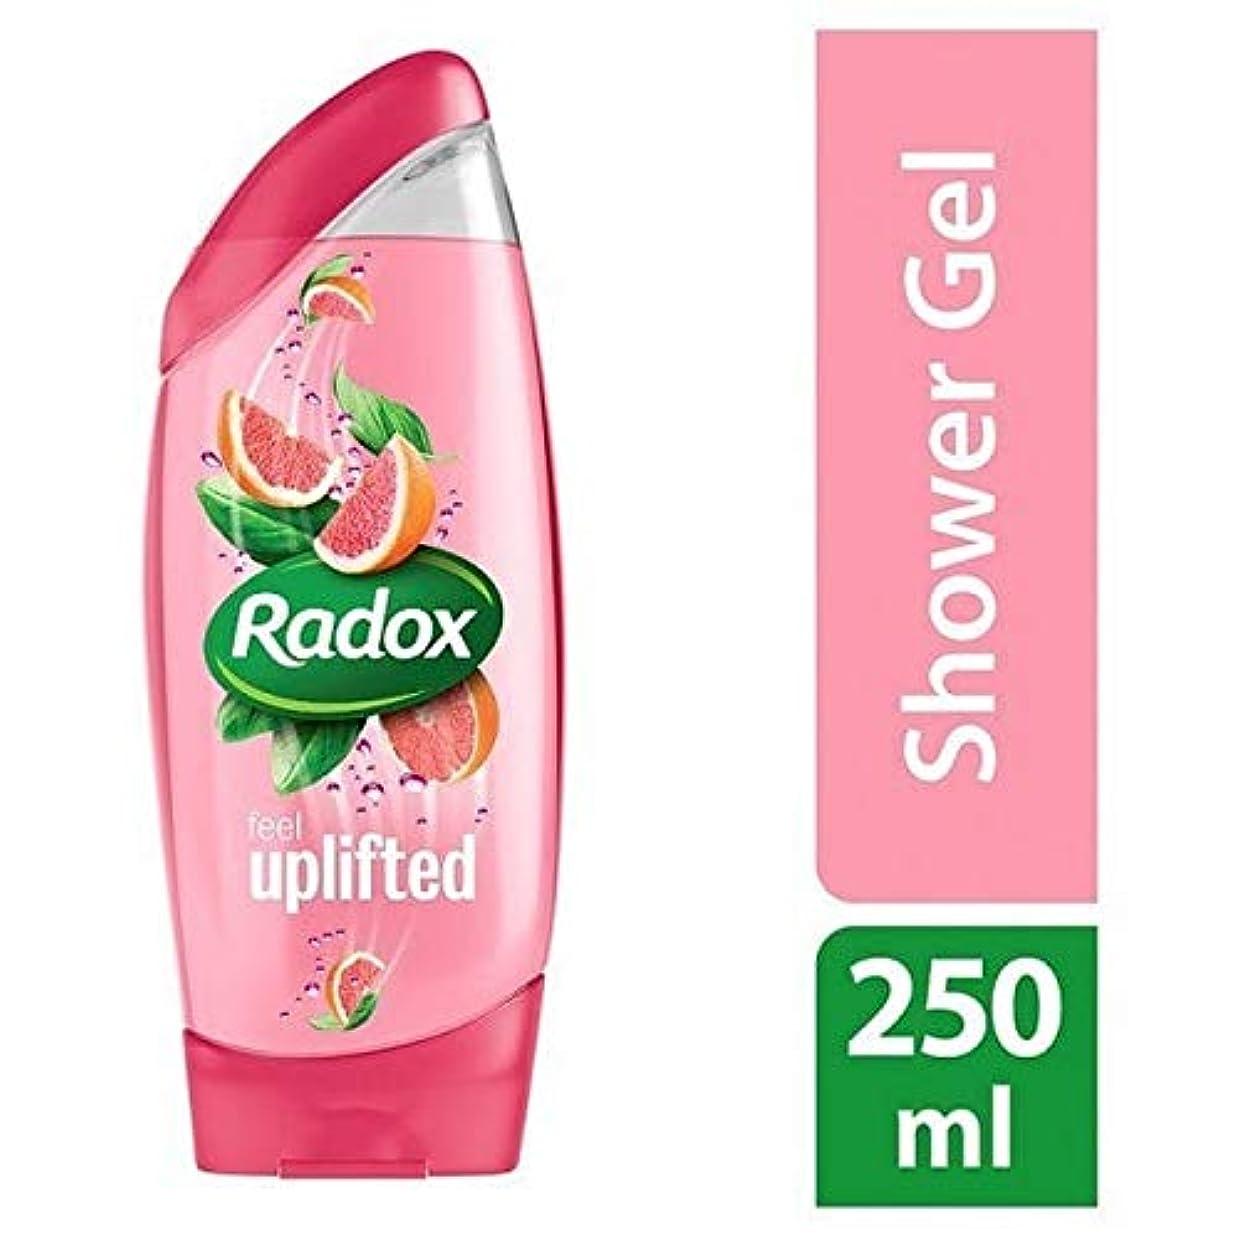 合理化コーナー第三[Radox] Radox感隆起シャワージェル250ミリリットル - Radox Feel Uplifted Shower Gel 250ml [並行輸入品]